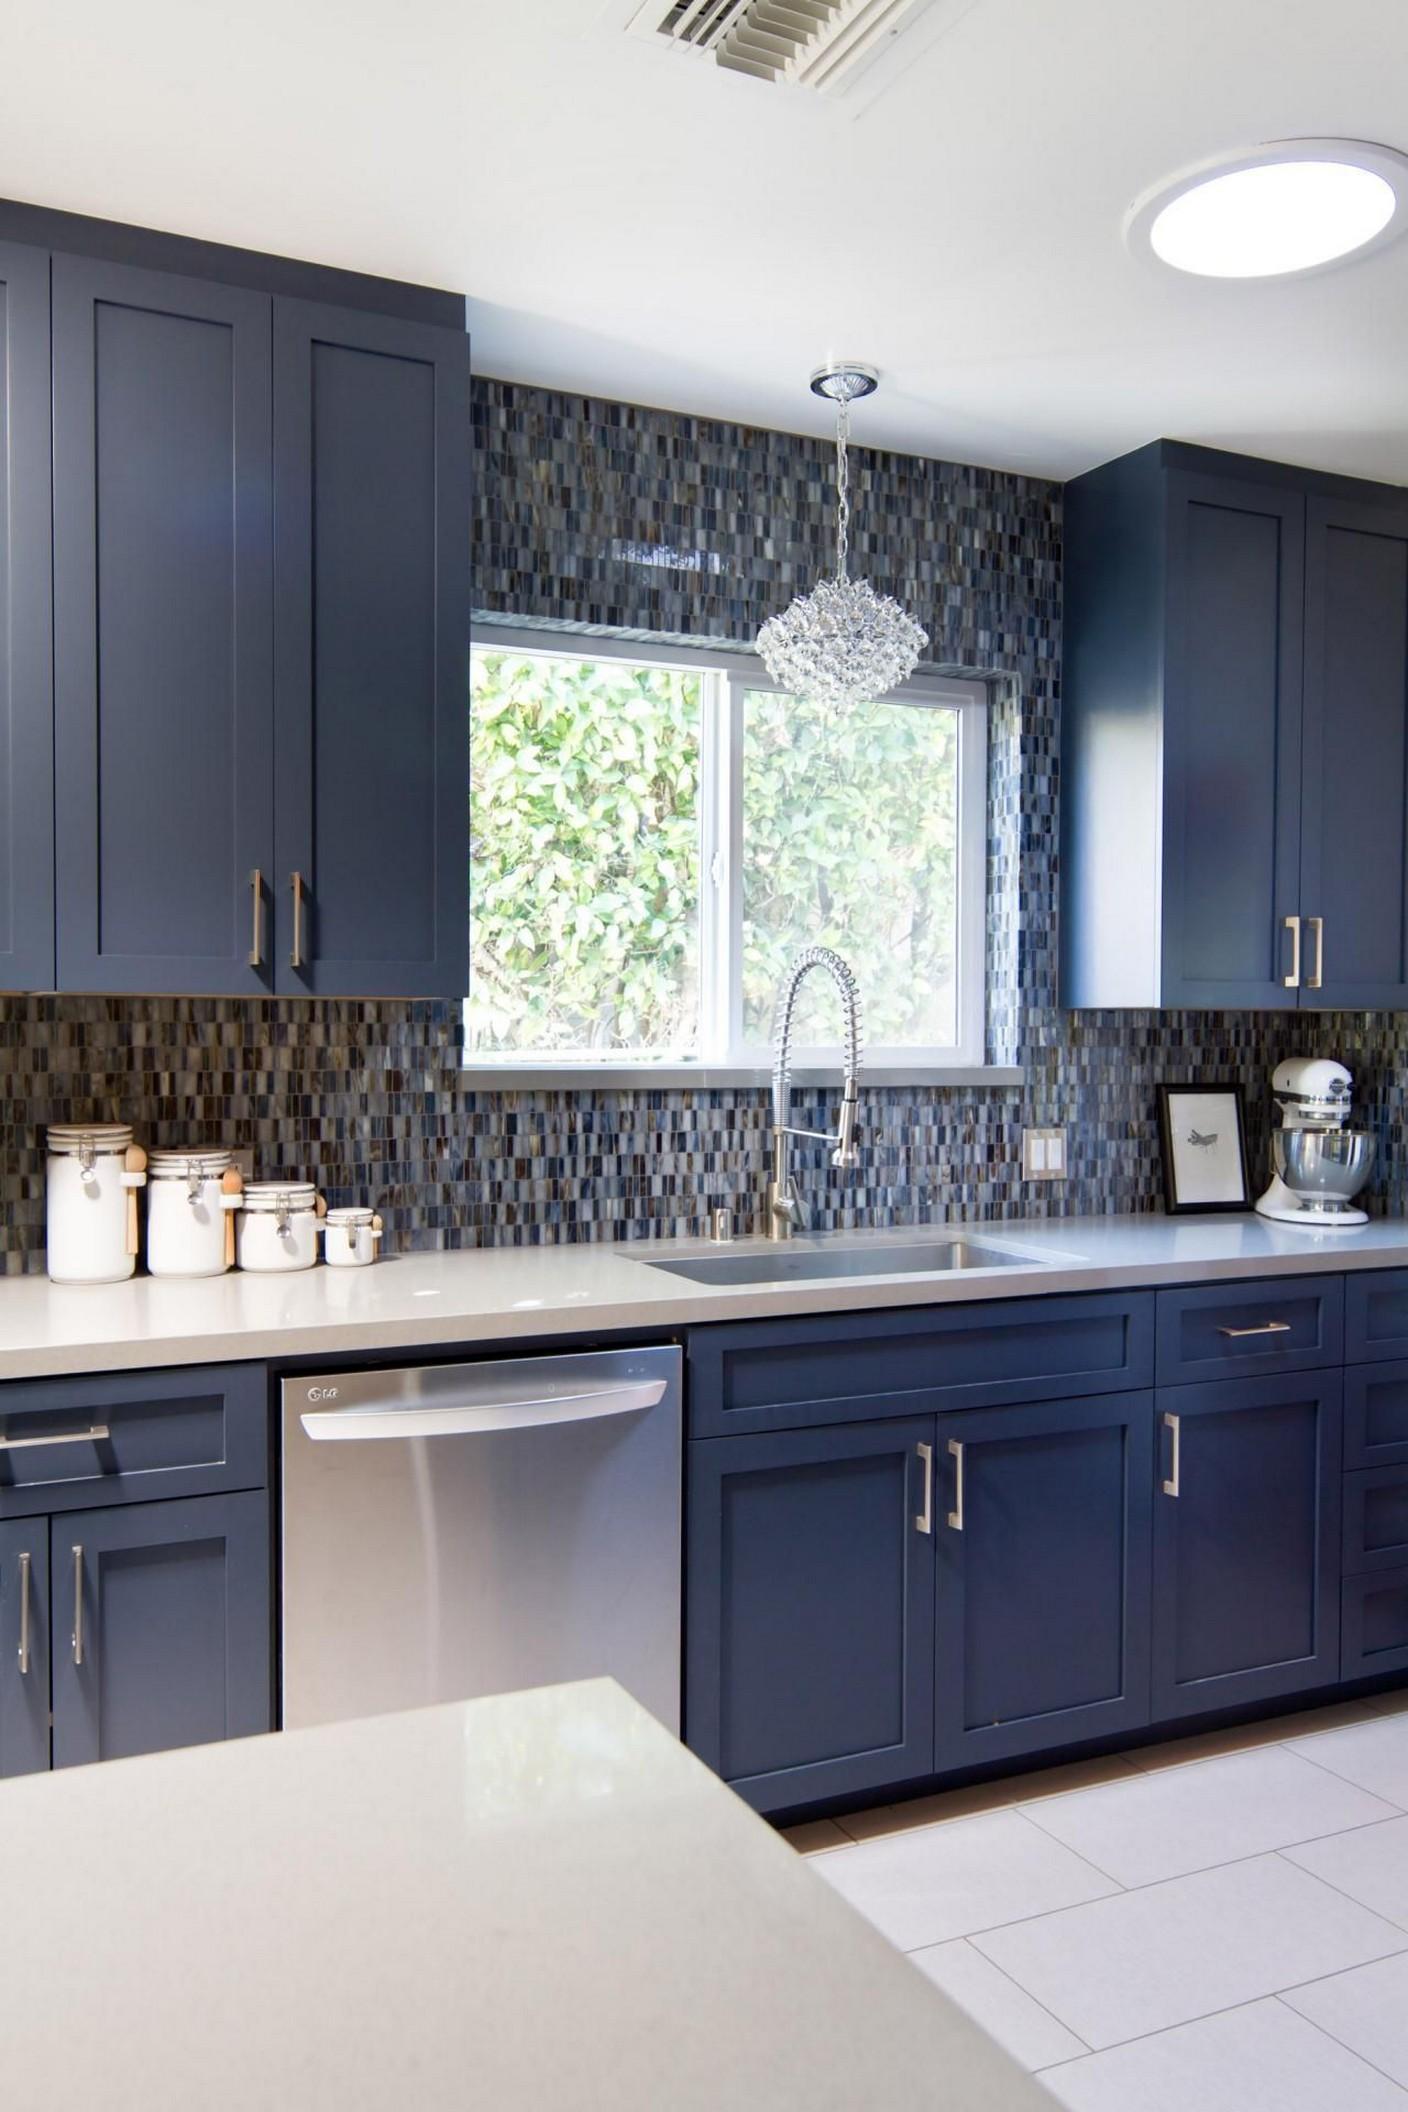 86 Modern Kitchen Ideas For Modern Kitchens Home Decor 51